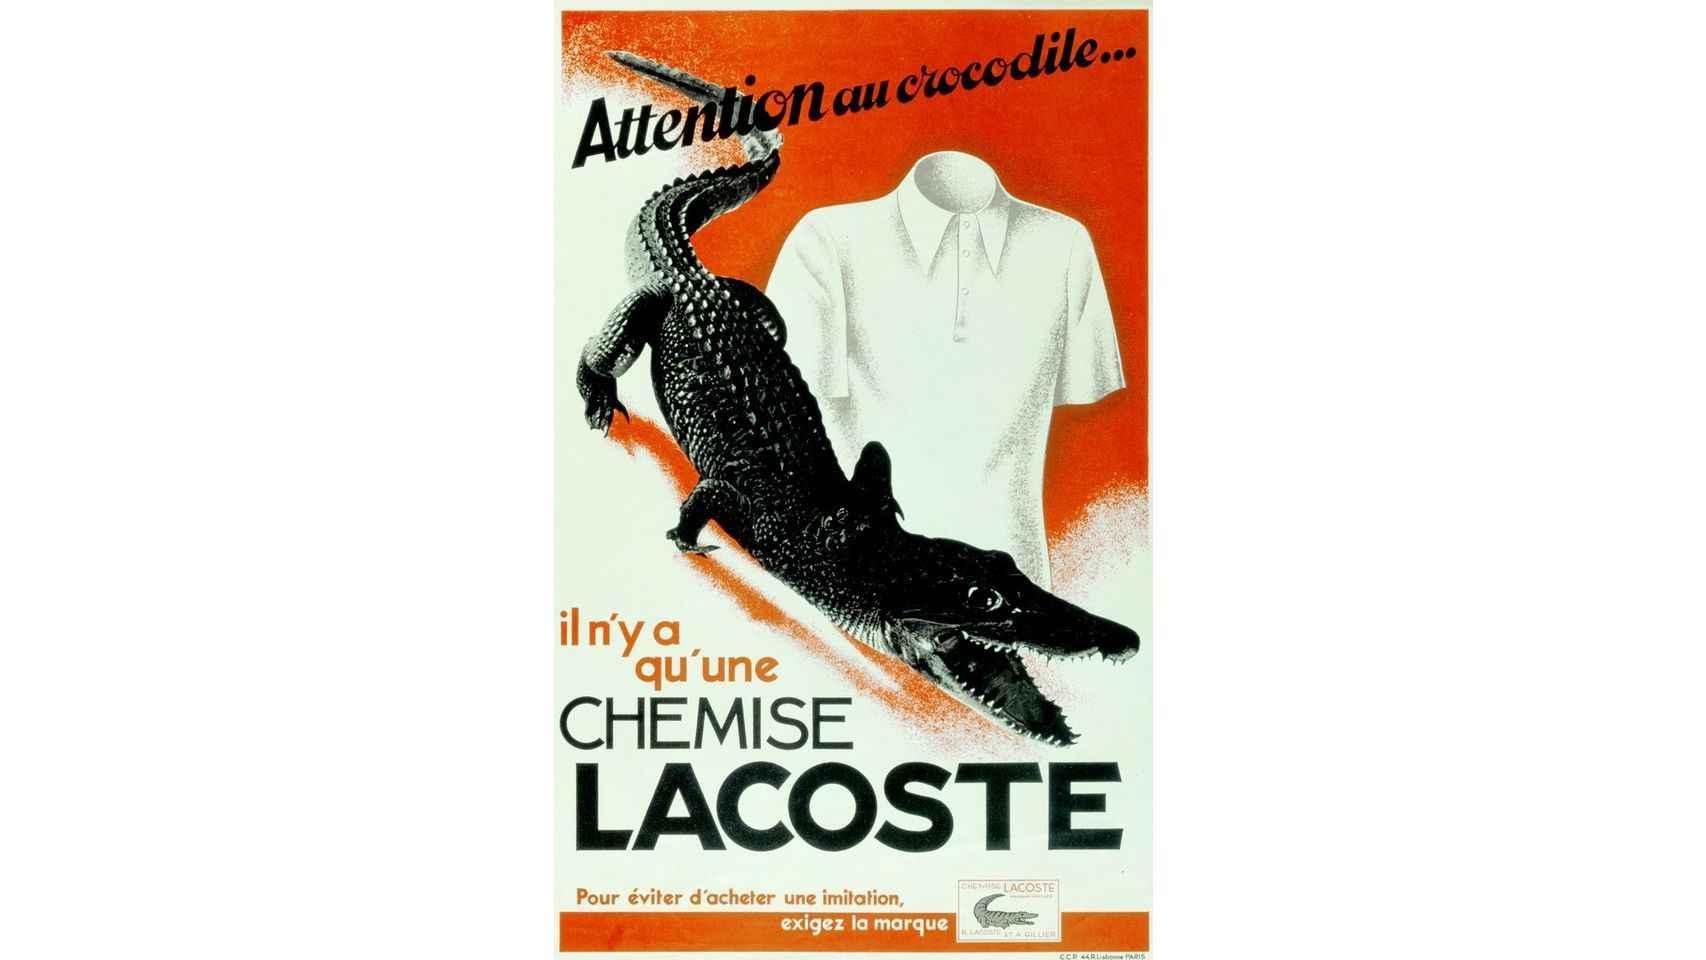 Publicidad Lacoste: Attention au crocodile.